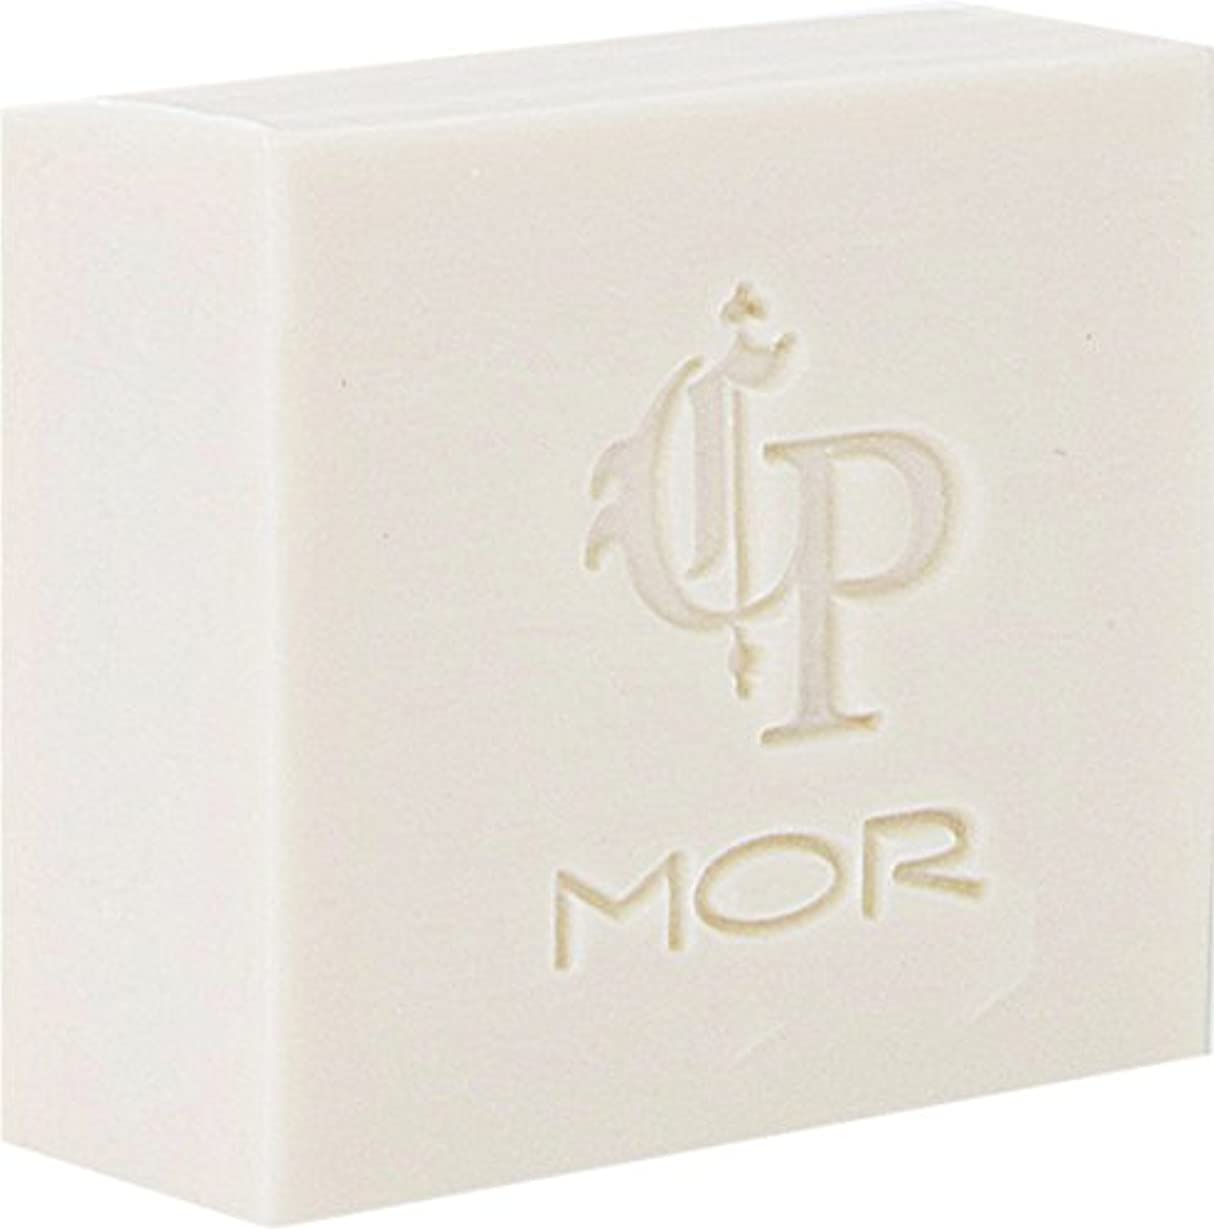 お風呂を持っている叙情的なモードリンMOR(モア) コレスポンデンス トリプルミルドソープバー ペッパーベリーカルダモン 180g